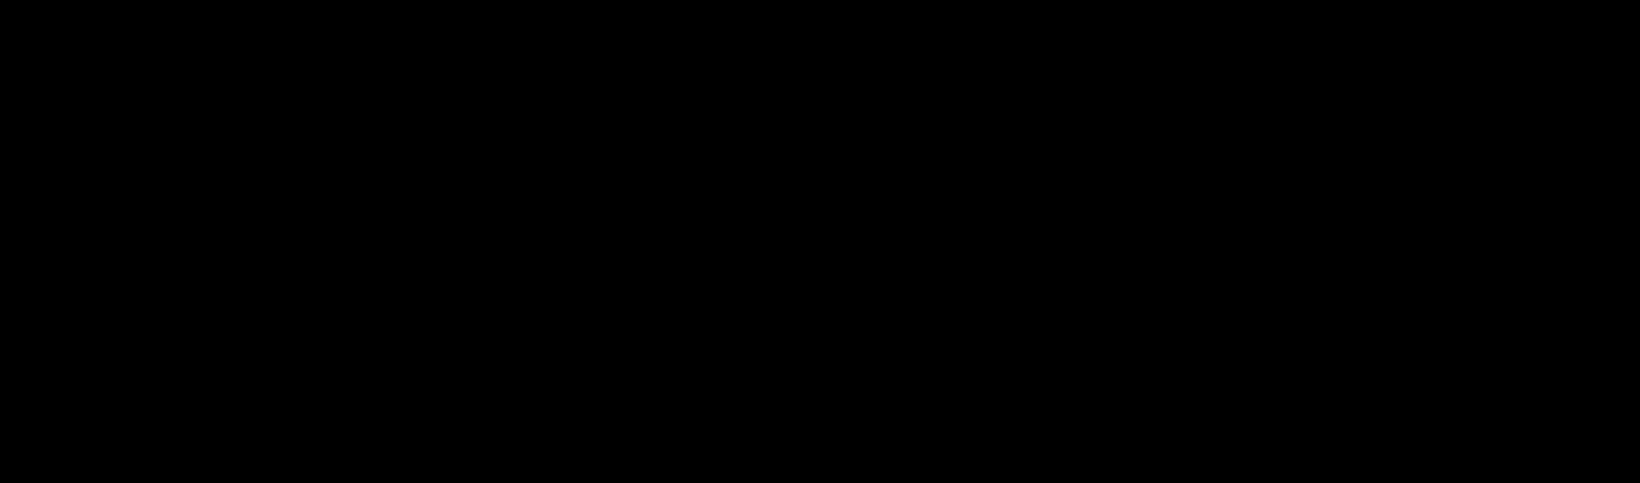 株式会社サンケイエンジニアリングの企業ロゴ